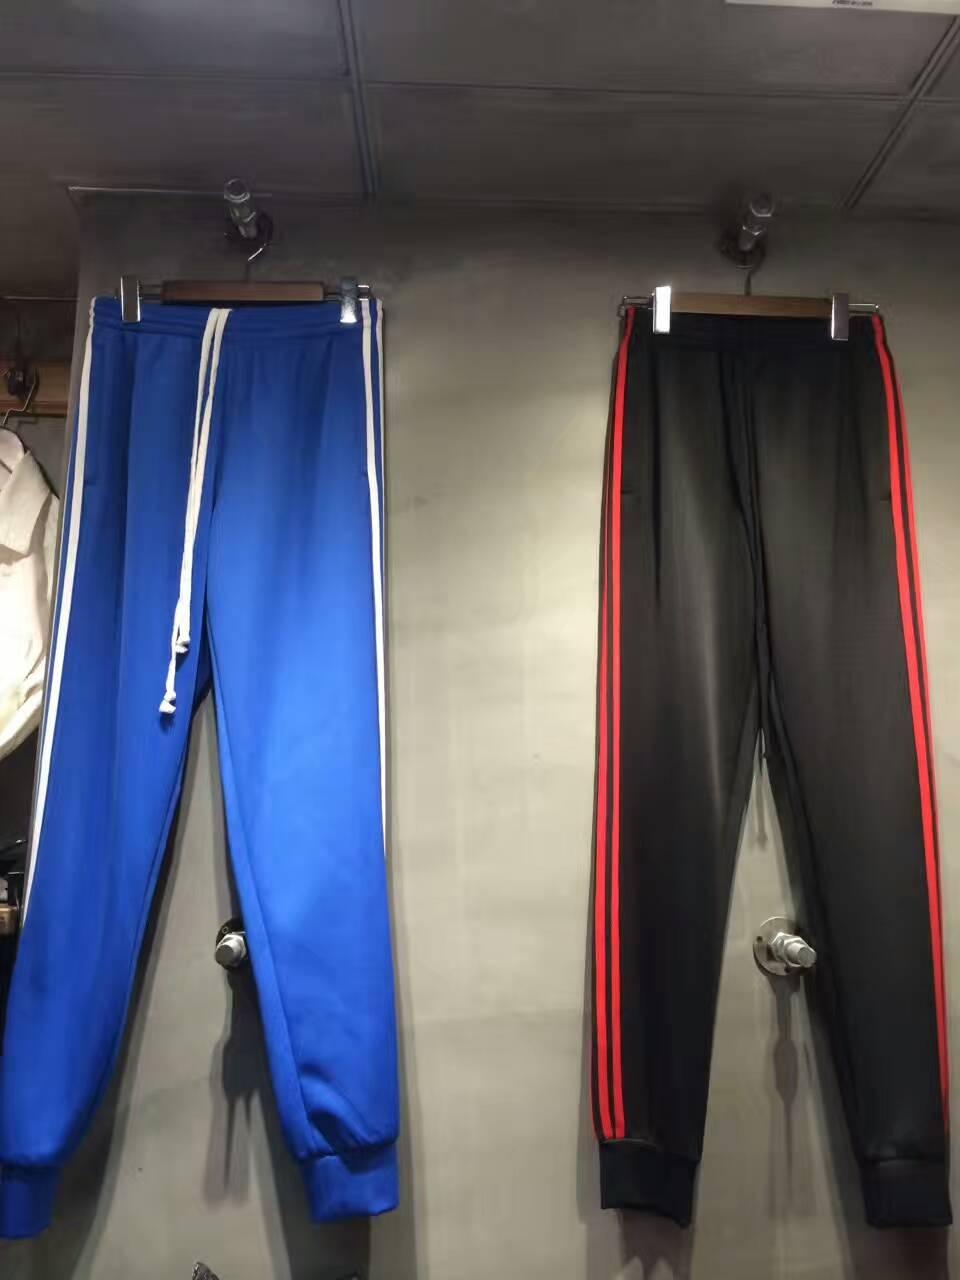 2017 новый джастин бибер hip hop мода карманные молния полосы брюки kanye west мужчин бегун трек штаны Черный красный синий белый